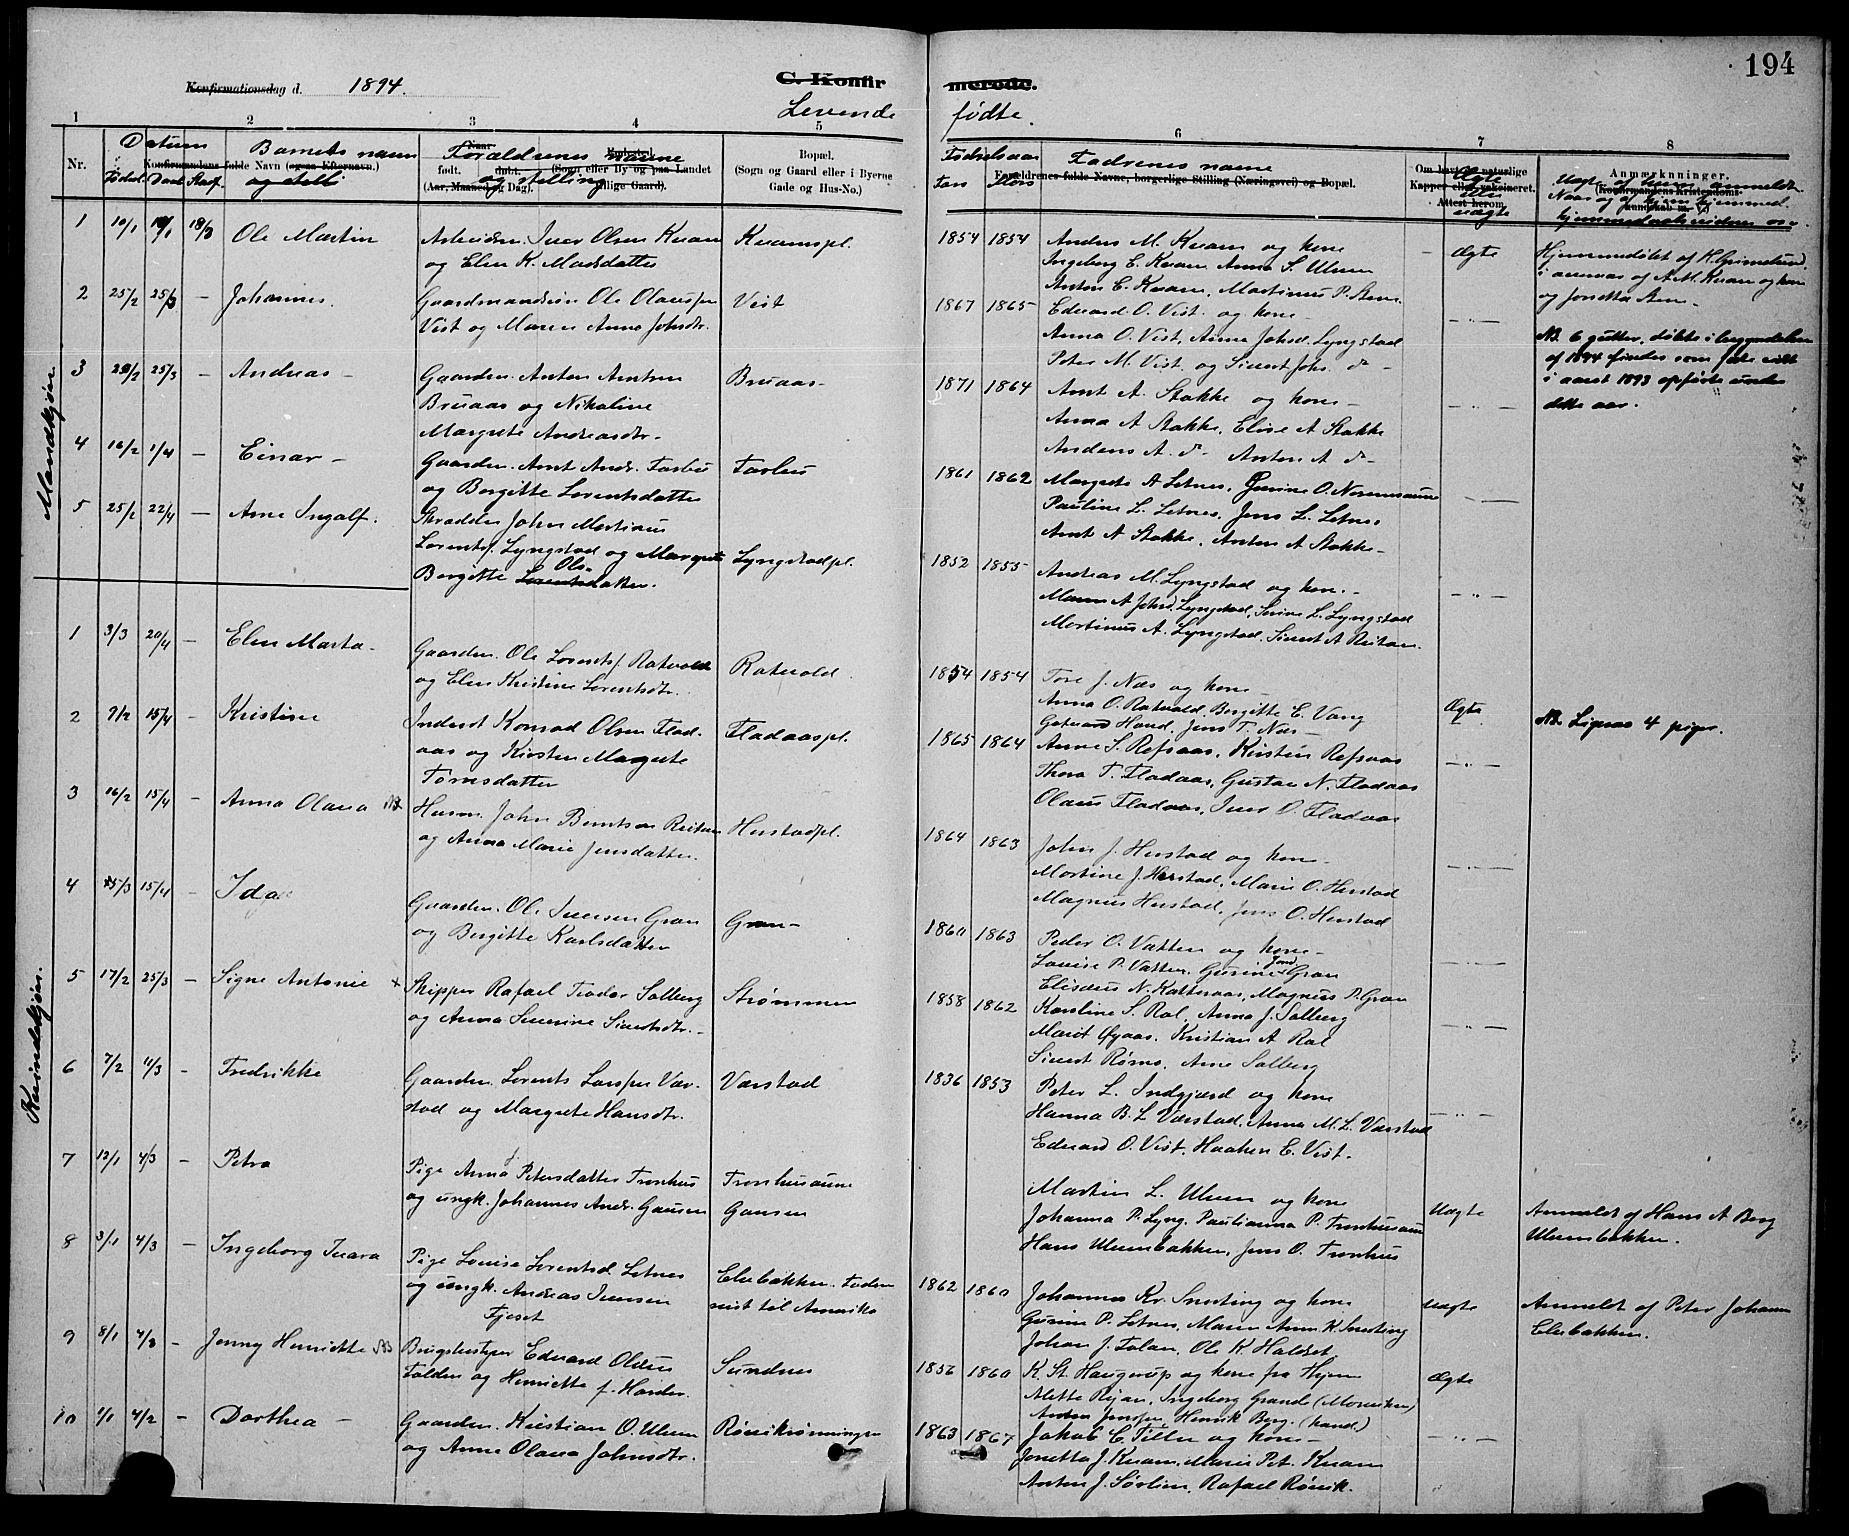 SAT, Ministerialprotokoller, klokkerbøker og fødselsregistre - Nord-Trøndelag, 730/L0301: Klokkerbok nr. 730C04, 1880-1897, s. 194